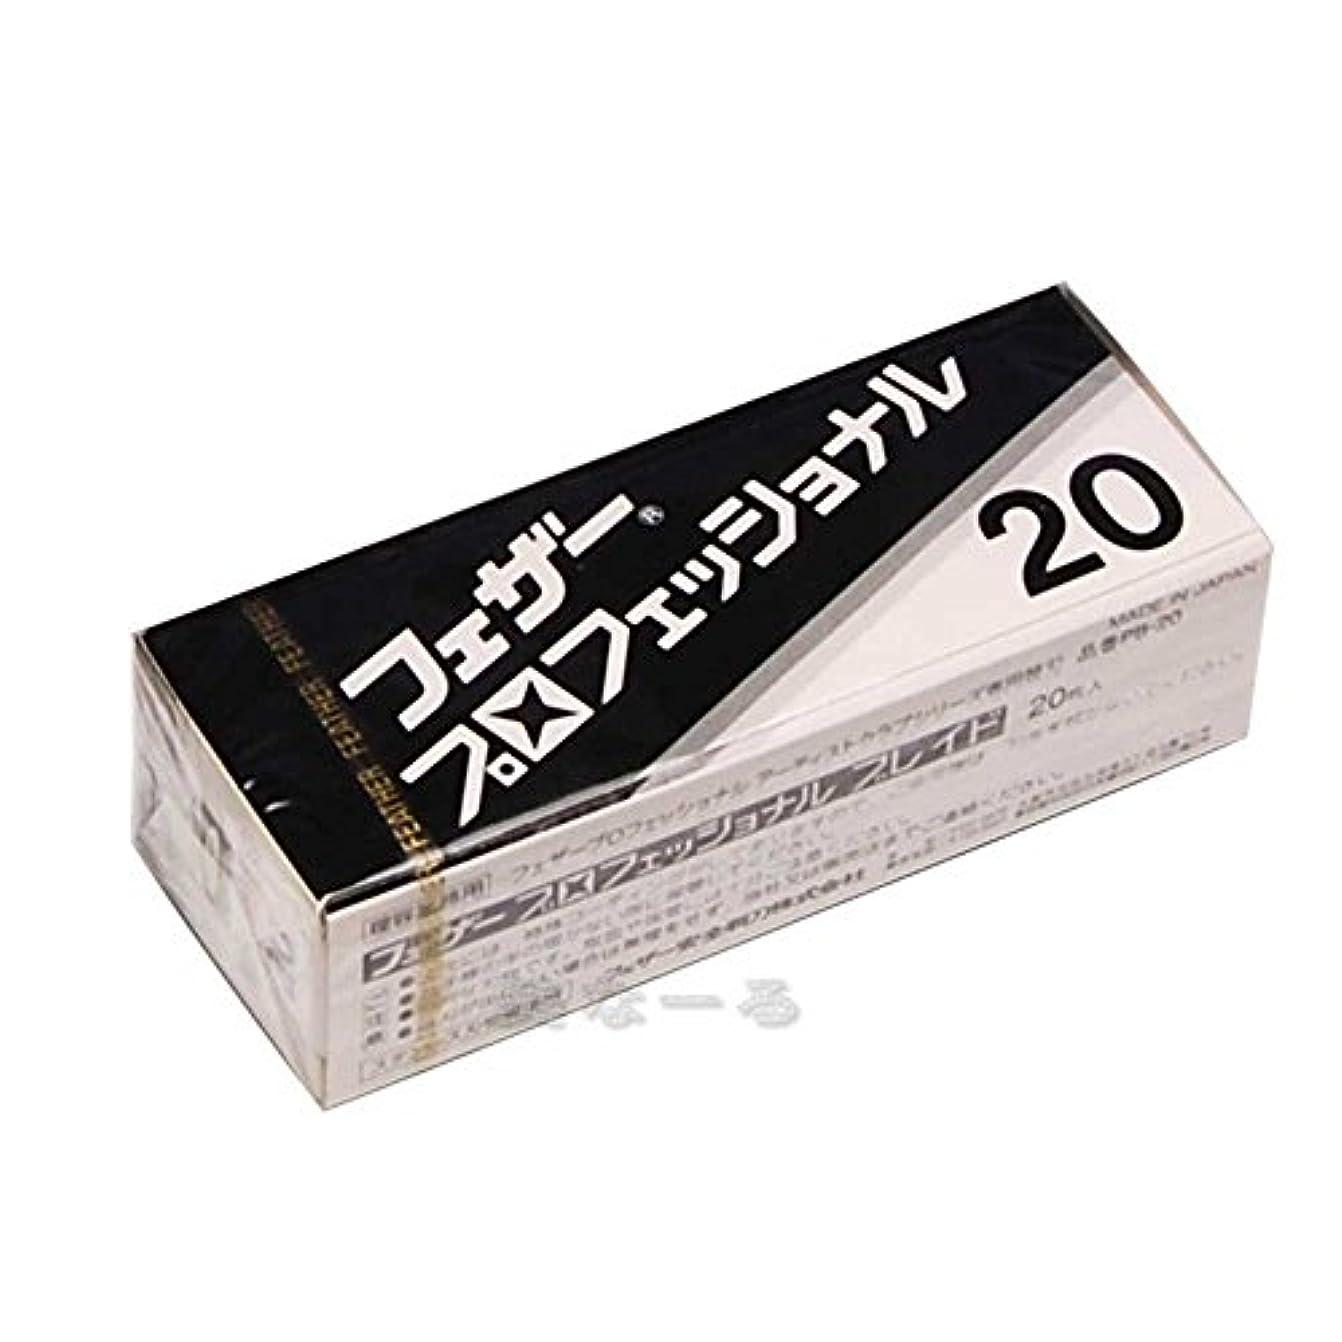 ショップ悲劇強いますフェザー プロフェッショナル ブレイド PB-20 替刃 20枚入